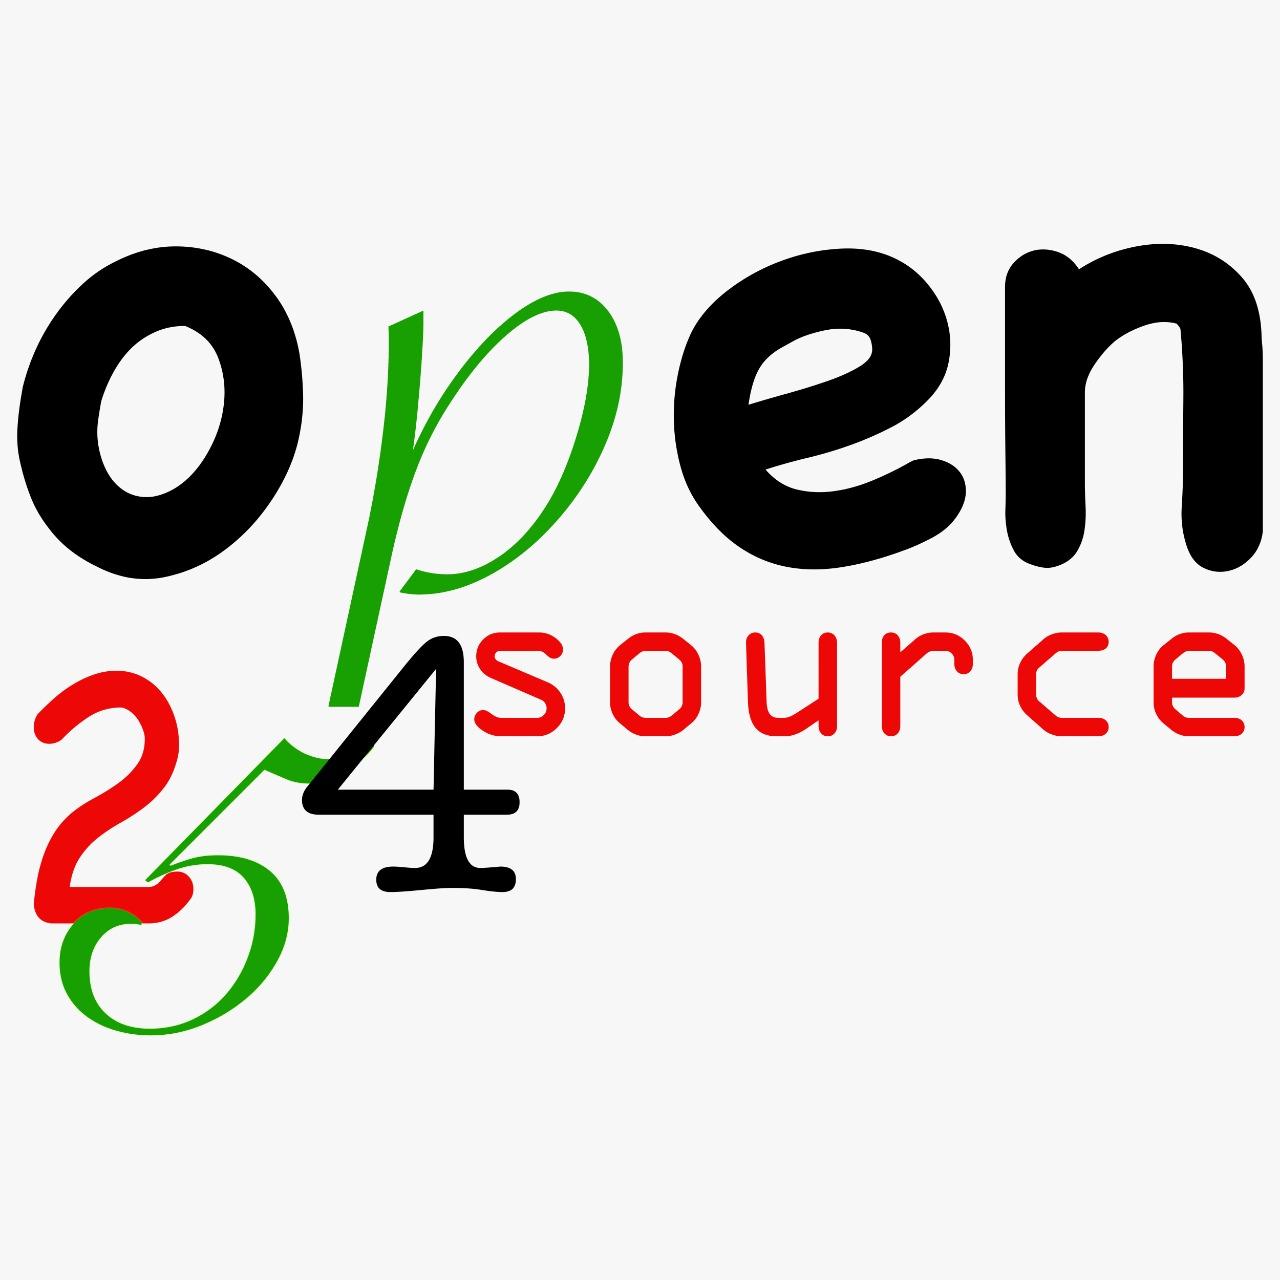 opensource254.github.io